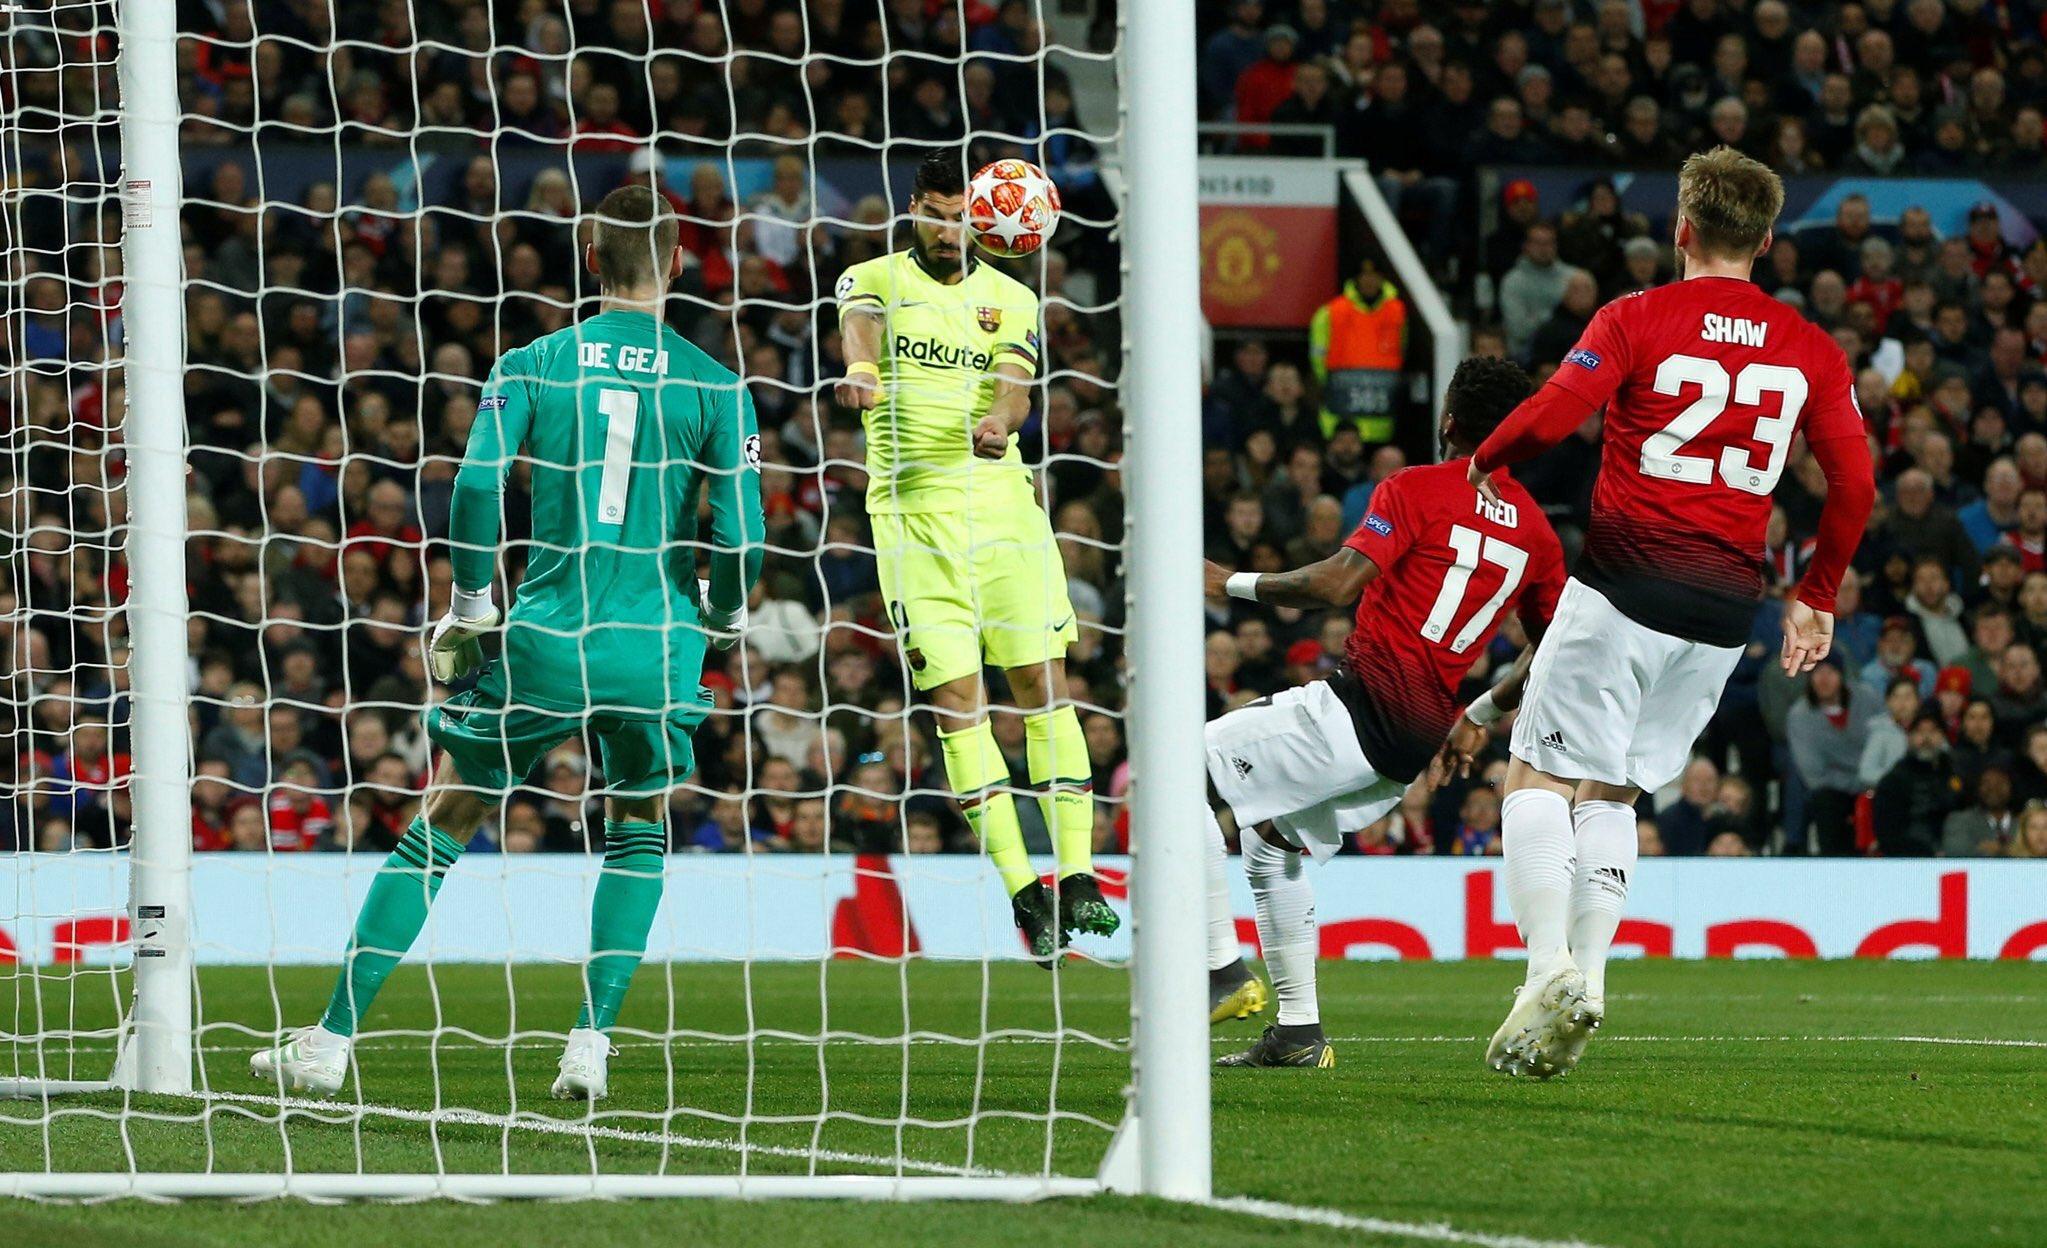 هدف برشلونة الأول في مرمى مانشستر يونايتد - لويس سواريز